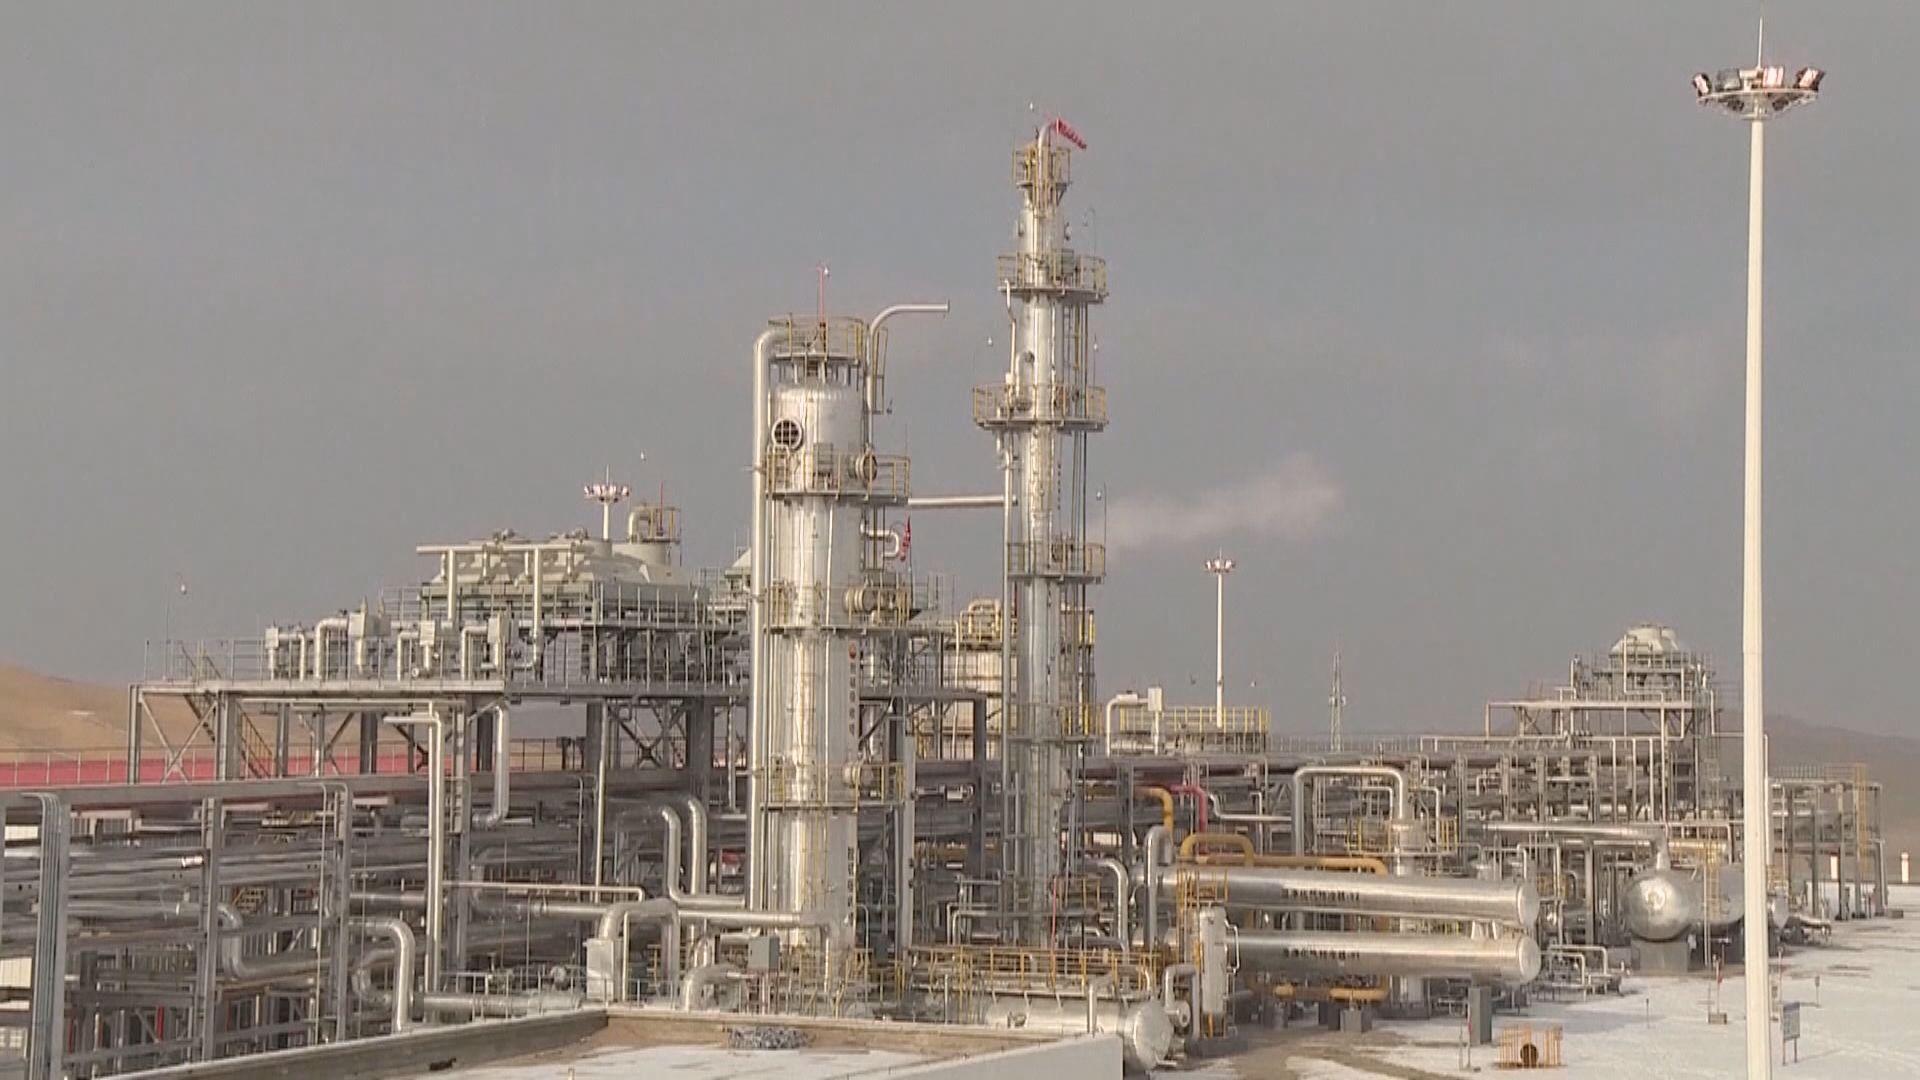 油組主席憂慮明年初面臨新一輪石油過剩風險